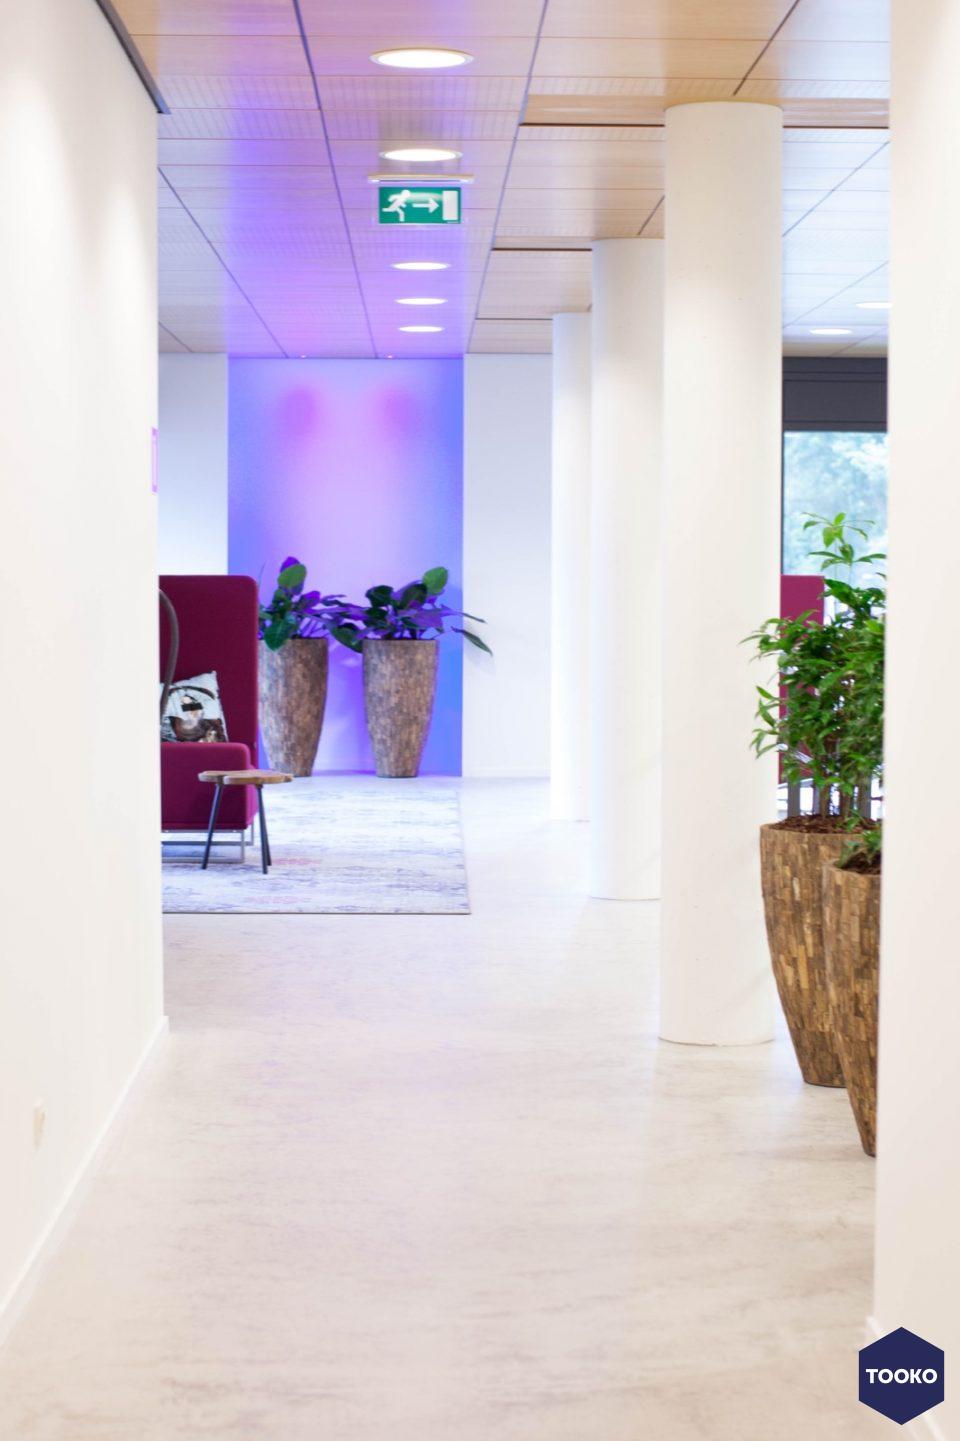 Interieurbeplanting De Klerk - Project Cerebel Group, Esp te Eindhoven